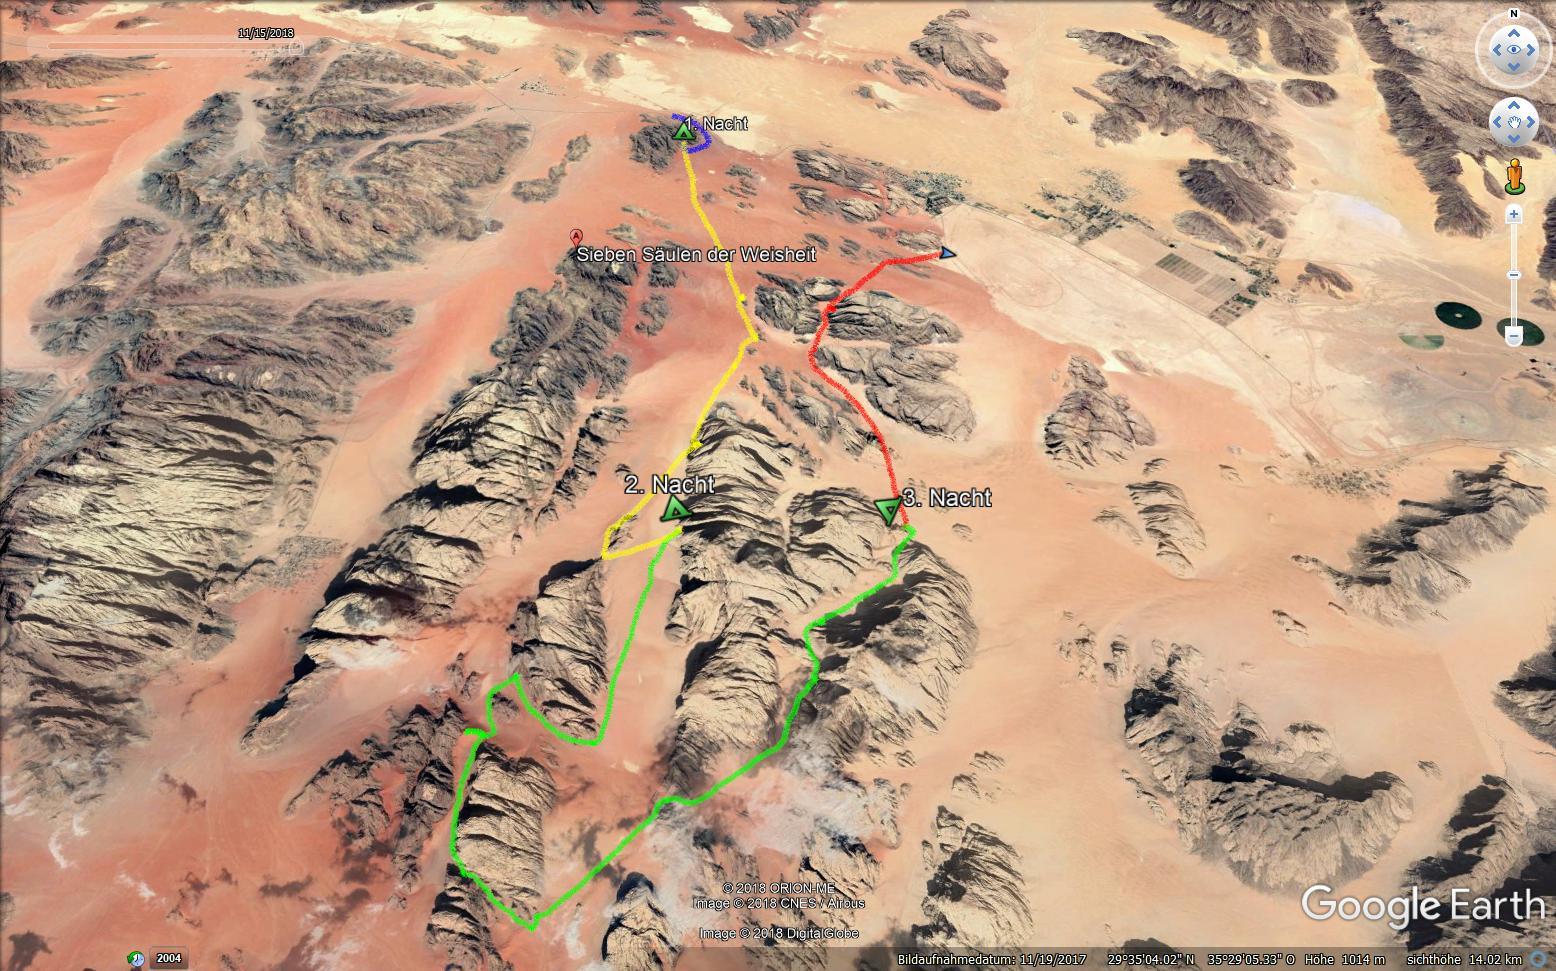 Google Earth-Karte einer Route der 3½-Tage-Wanderung im Wadi Rum